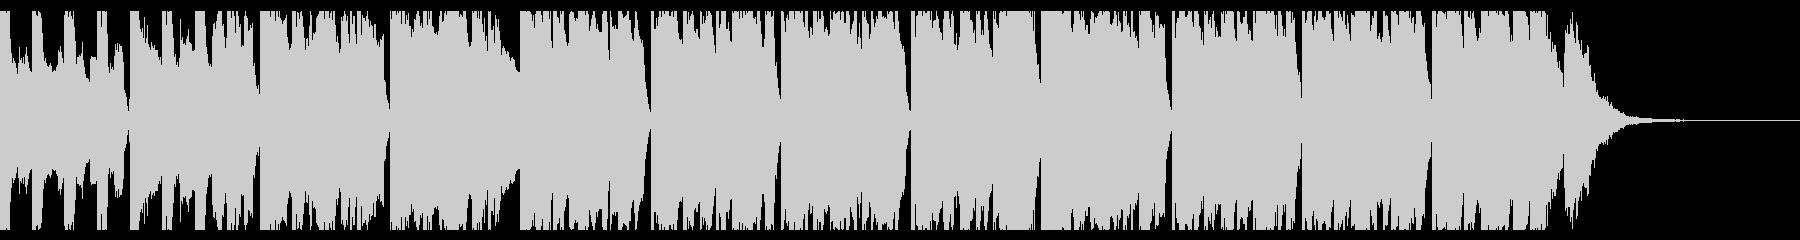 アラビアスポーツエレクトロ(30秒)の未再生の波形